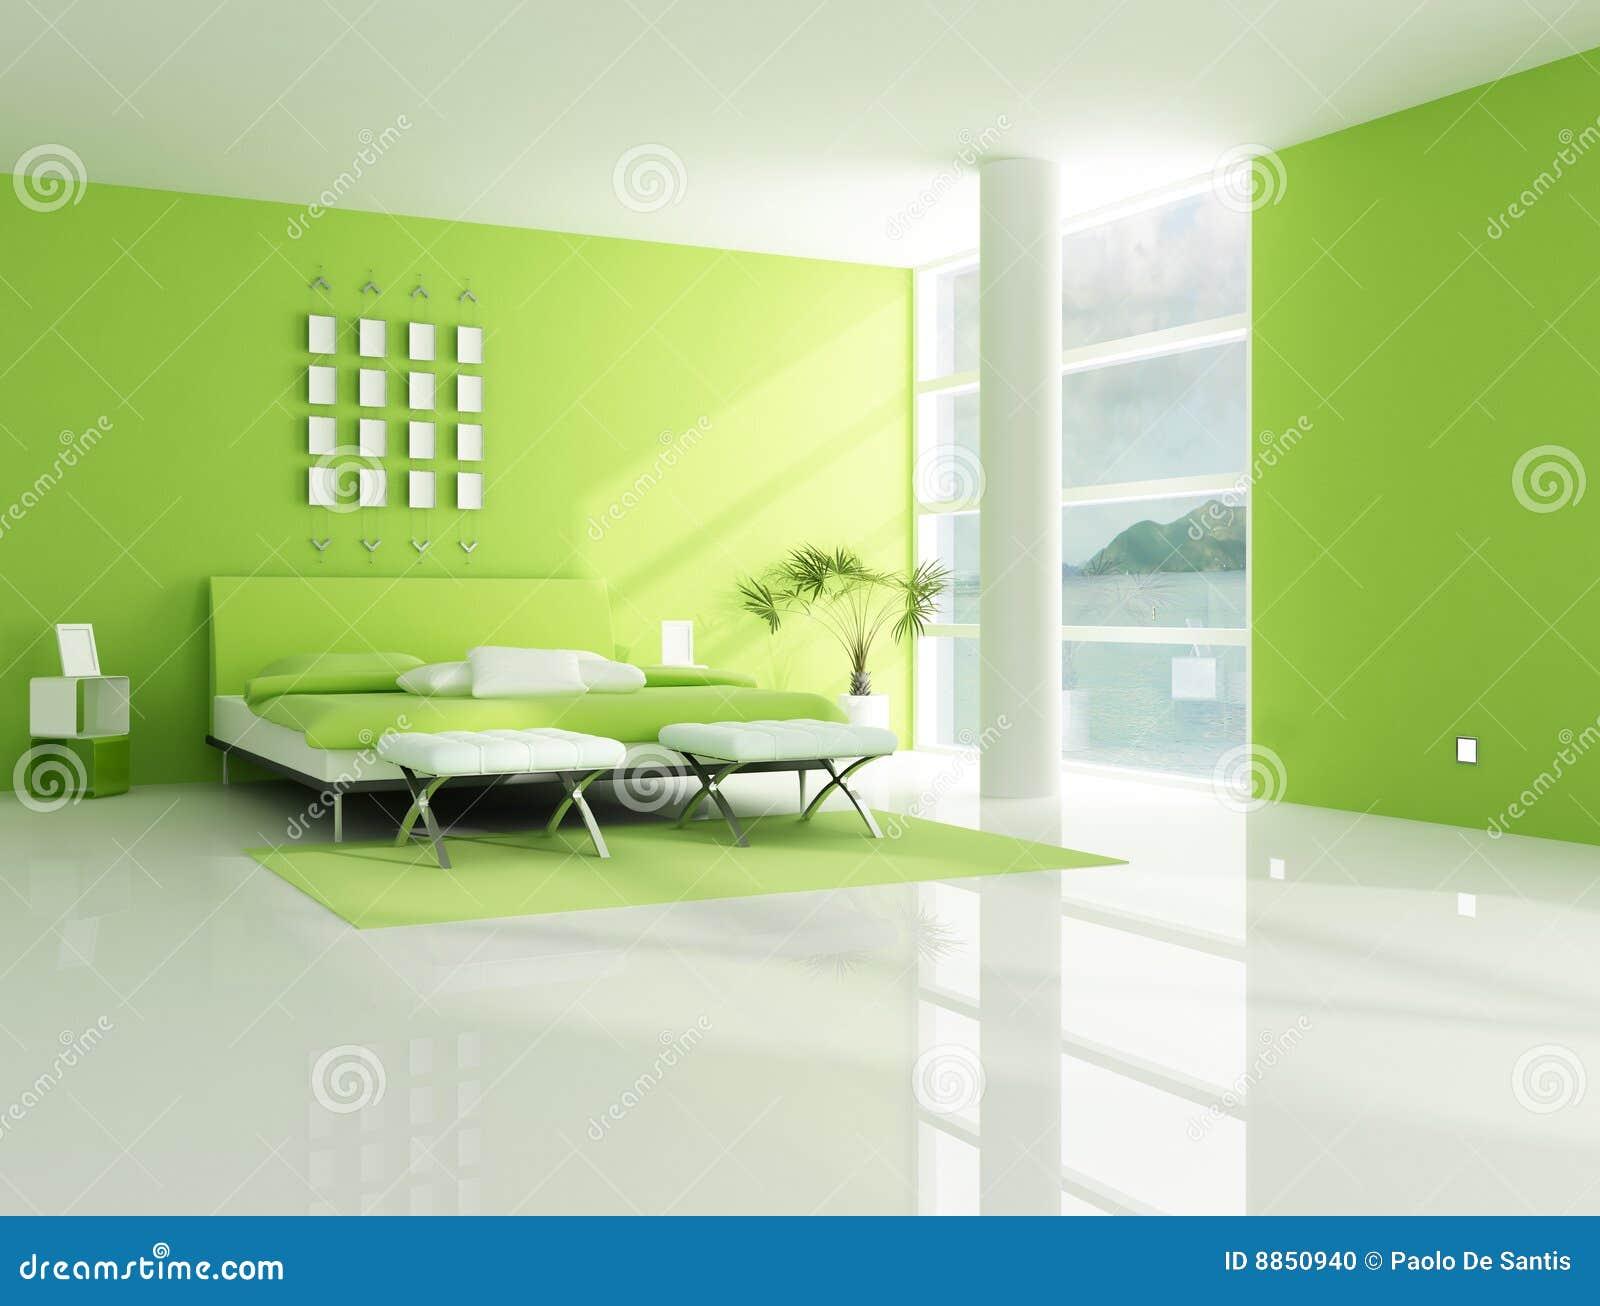 Eigentijdse Groene Slaapkamer Stock Illustratie - Illustratie ...